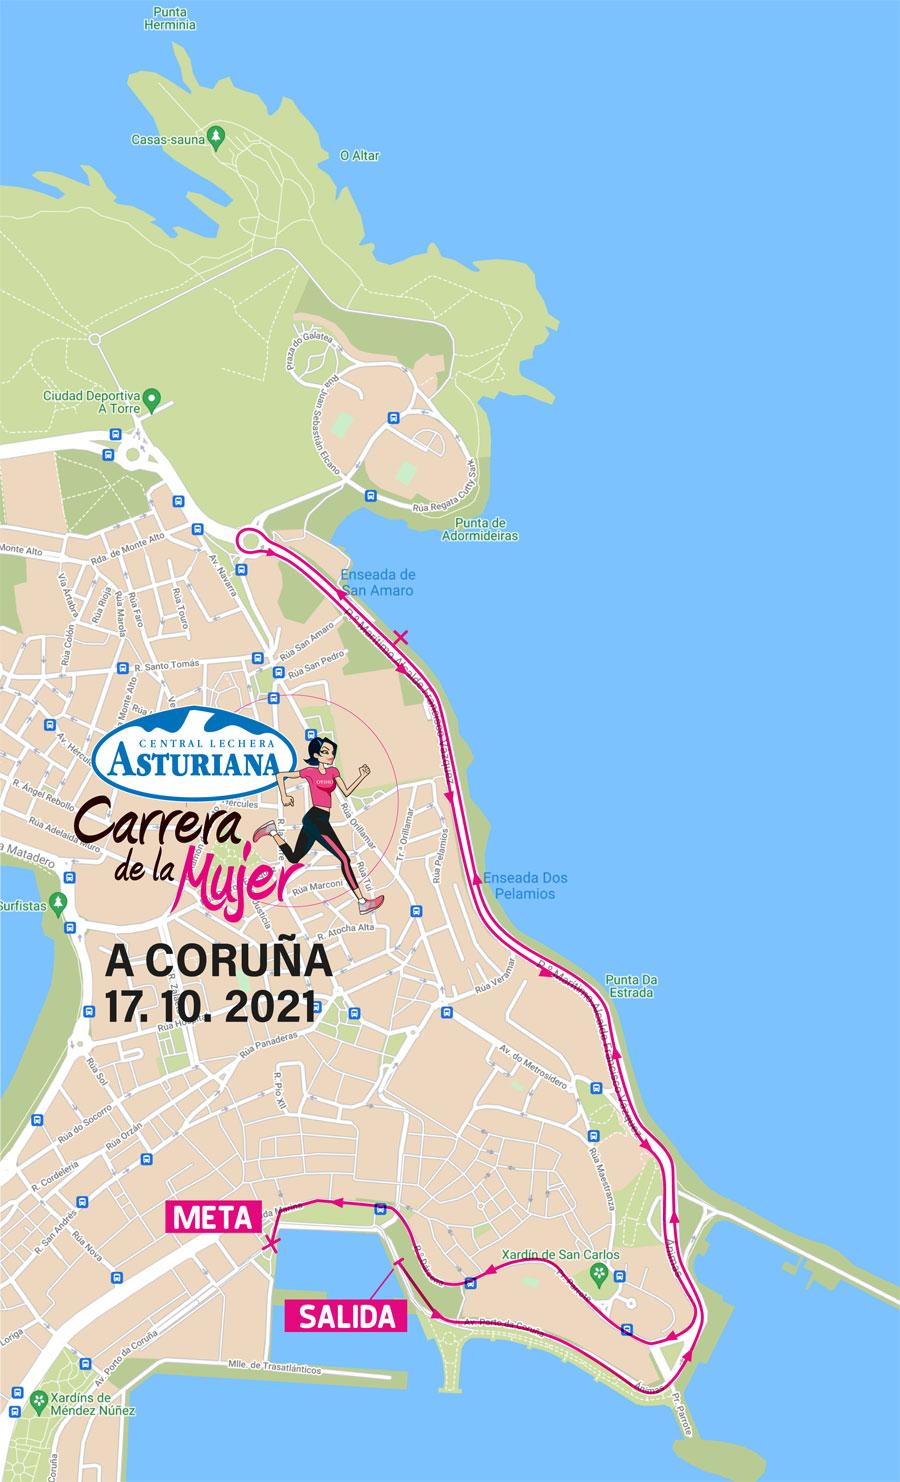 Recorrido de la Carrera de la Mujer de A Coruña